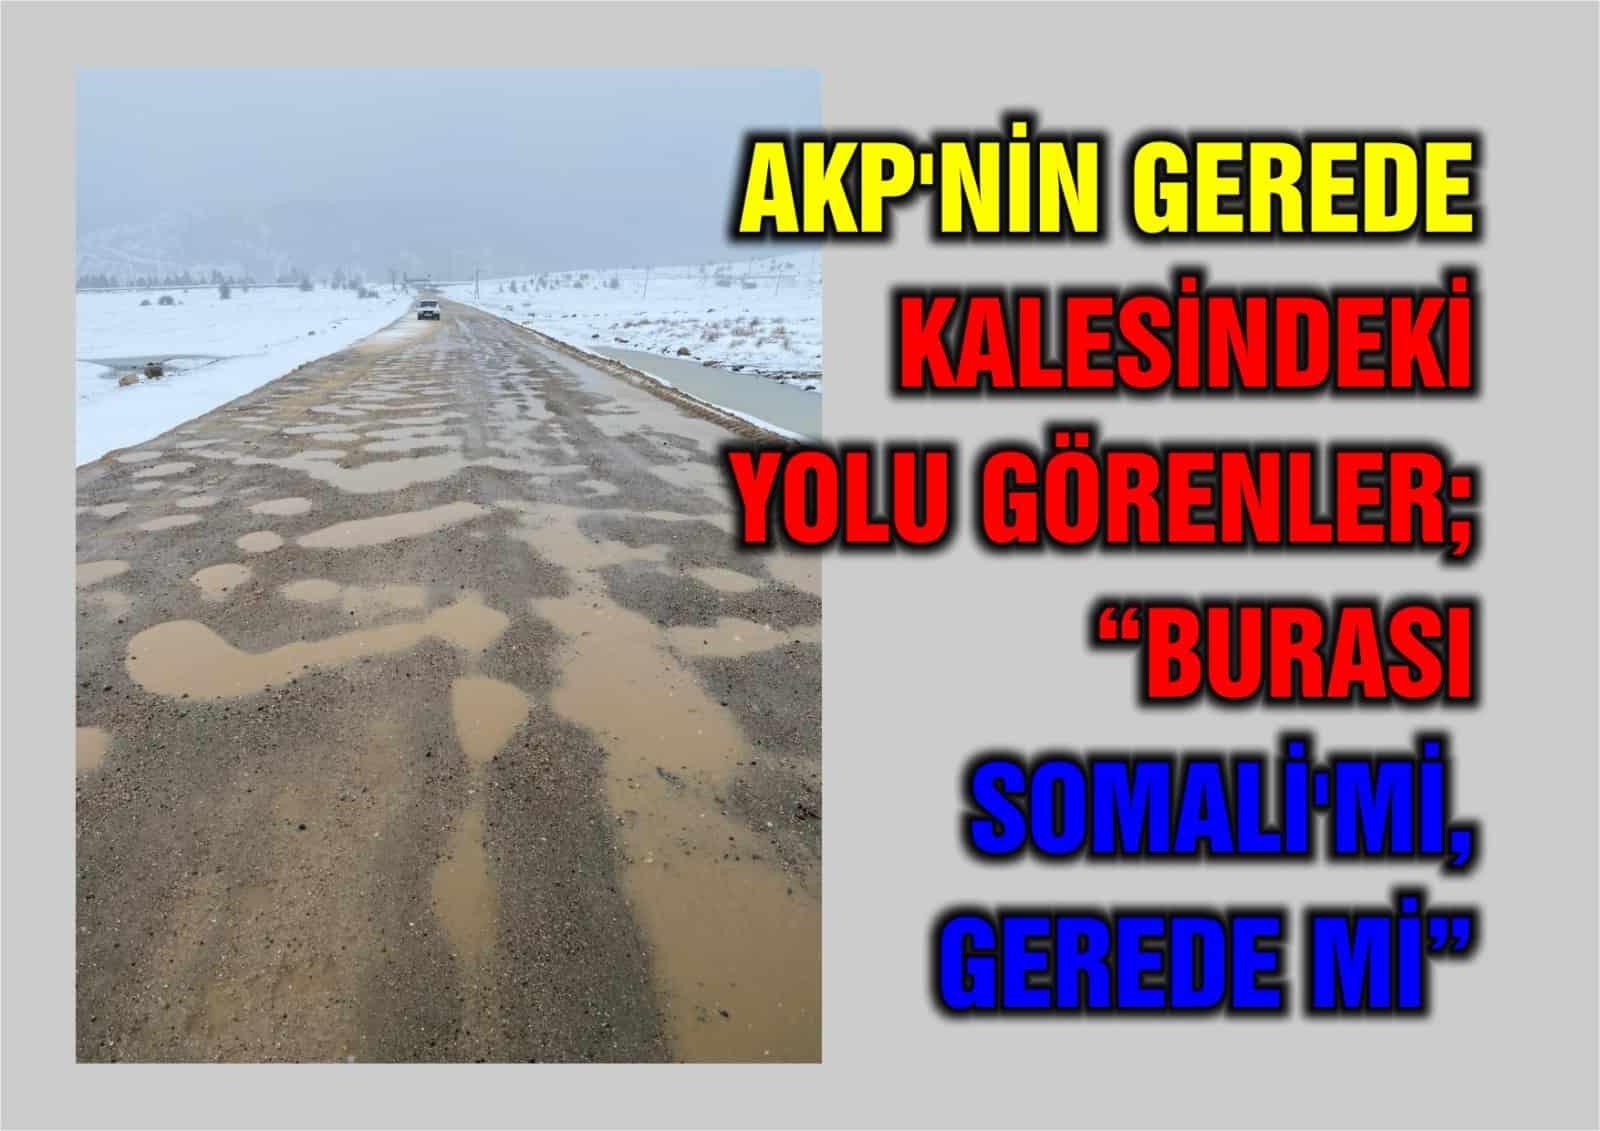 """AKP'NİN KALESİNDEKİ YOLU GÖRENLER; """"BURASI SOMALİ'Mİ, GEREDE Mİ"""""""